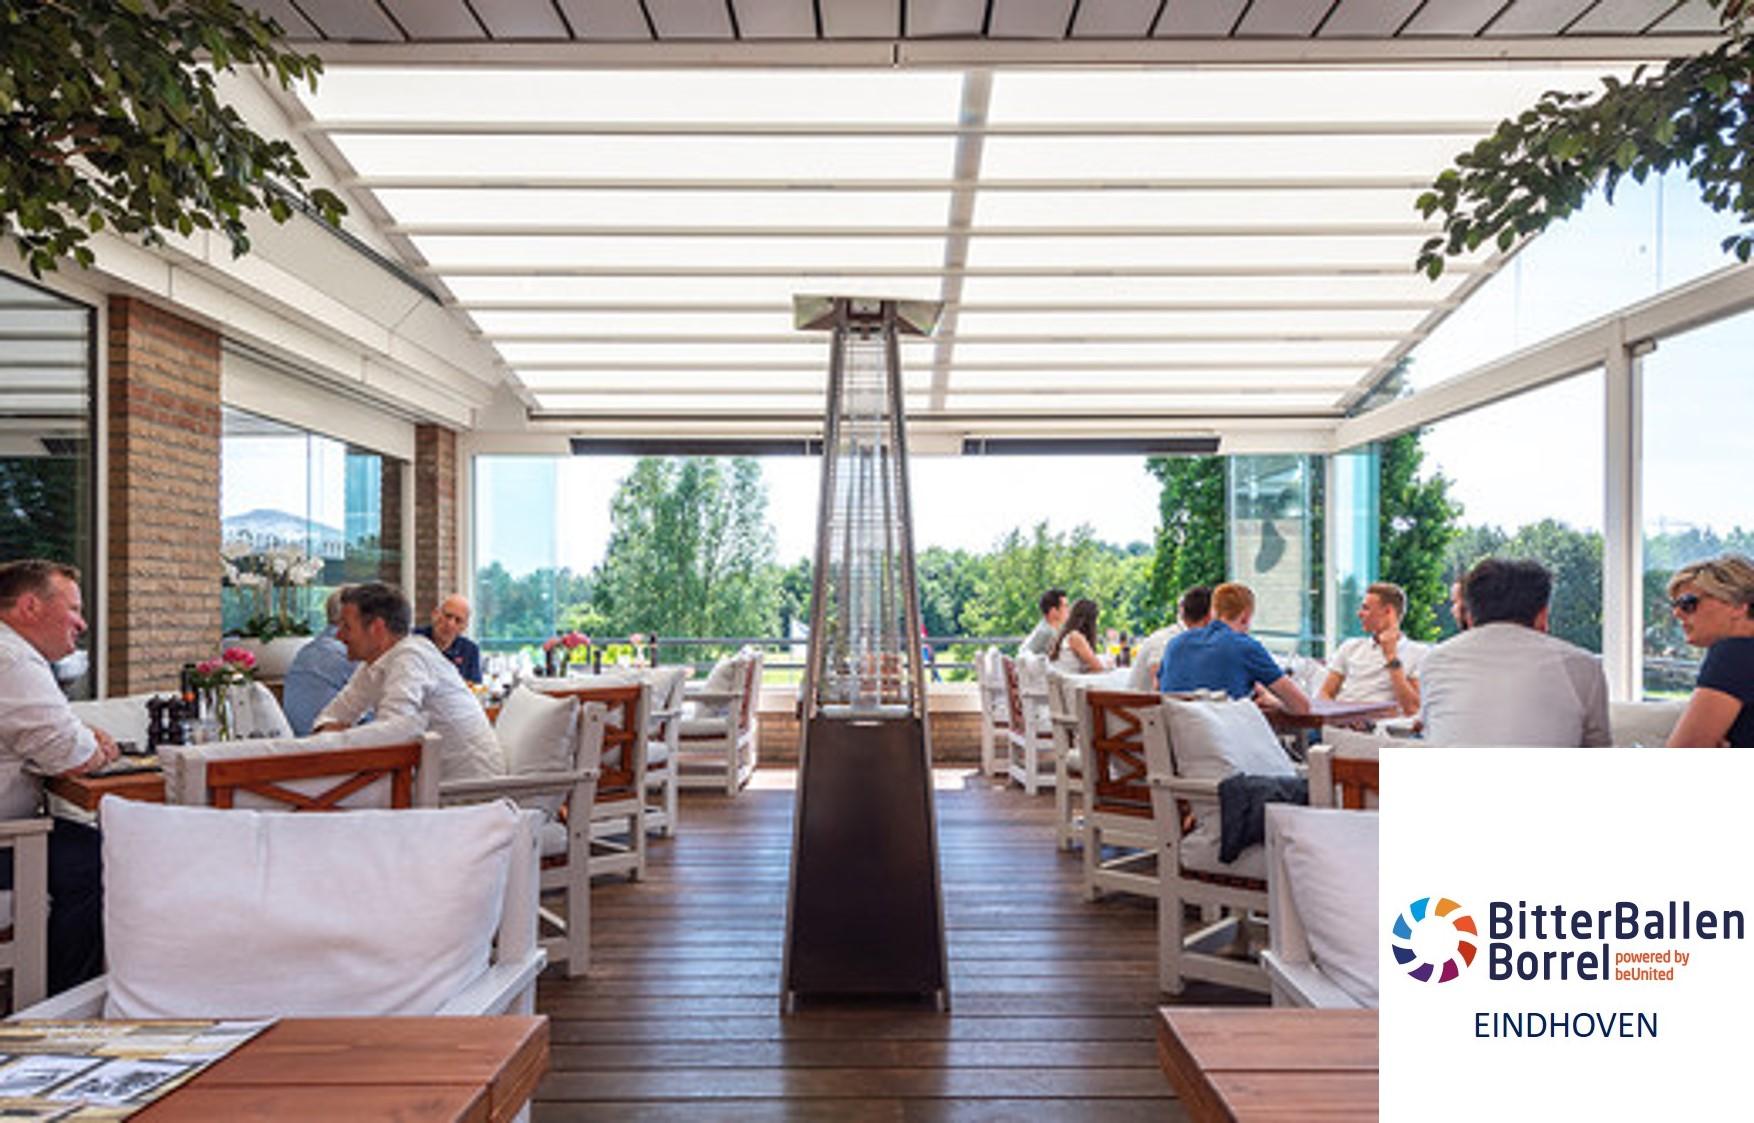 BitterBallenBorrel Eindhoven Locatiepartner BestGolf Restaurant Dimples